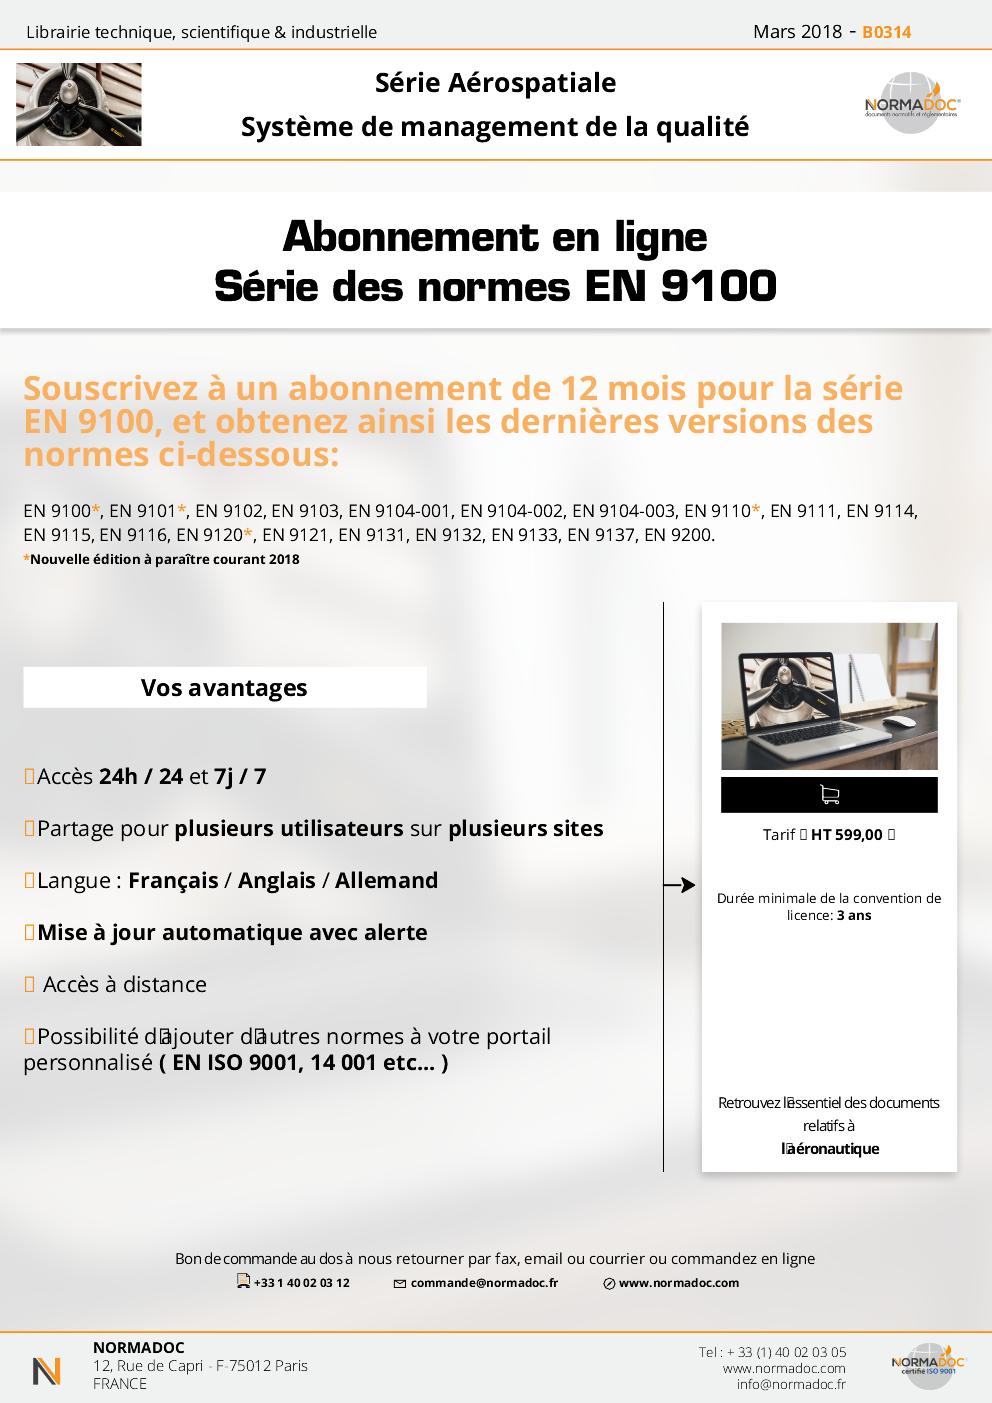 Abonnement en ligne - Série des normes EN 9100